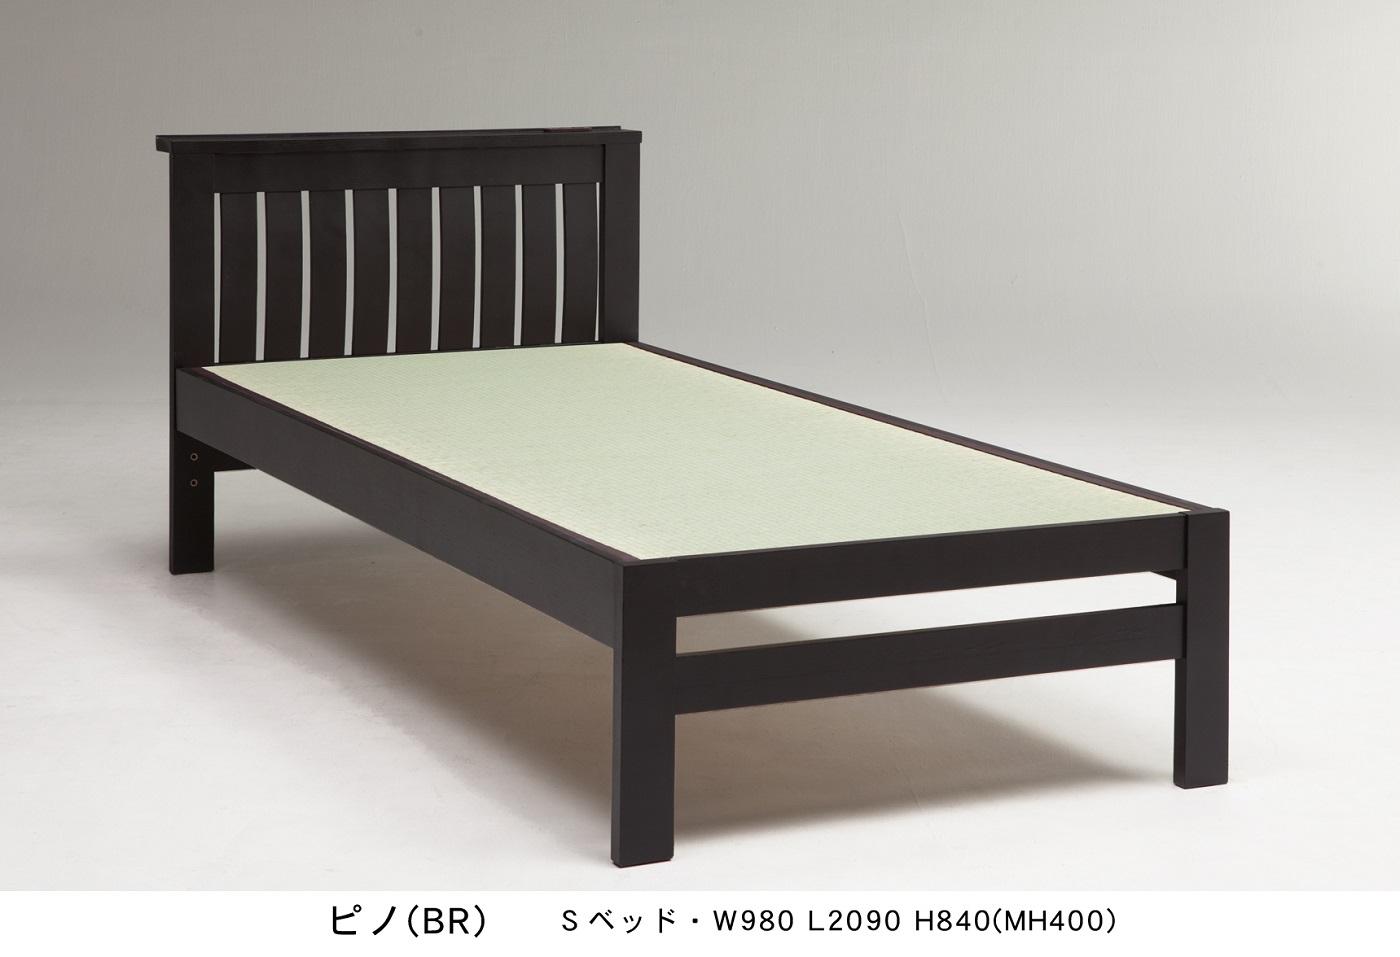 【送料無料】通気性抜群 畳ベッド シングルベッド ベッド ピノ 組立品 シングルフレーム 2個口 コンセント ナチュラル ブラウン 和風  家具 通販 ベット シングルベット 北欧 畳 たたみ タタミ 桐